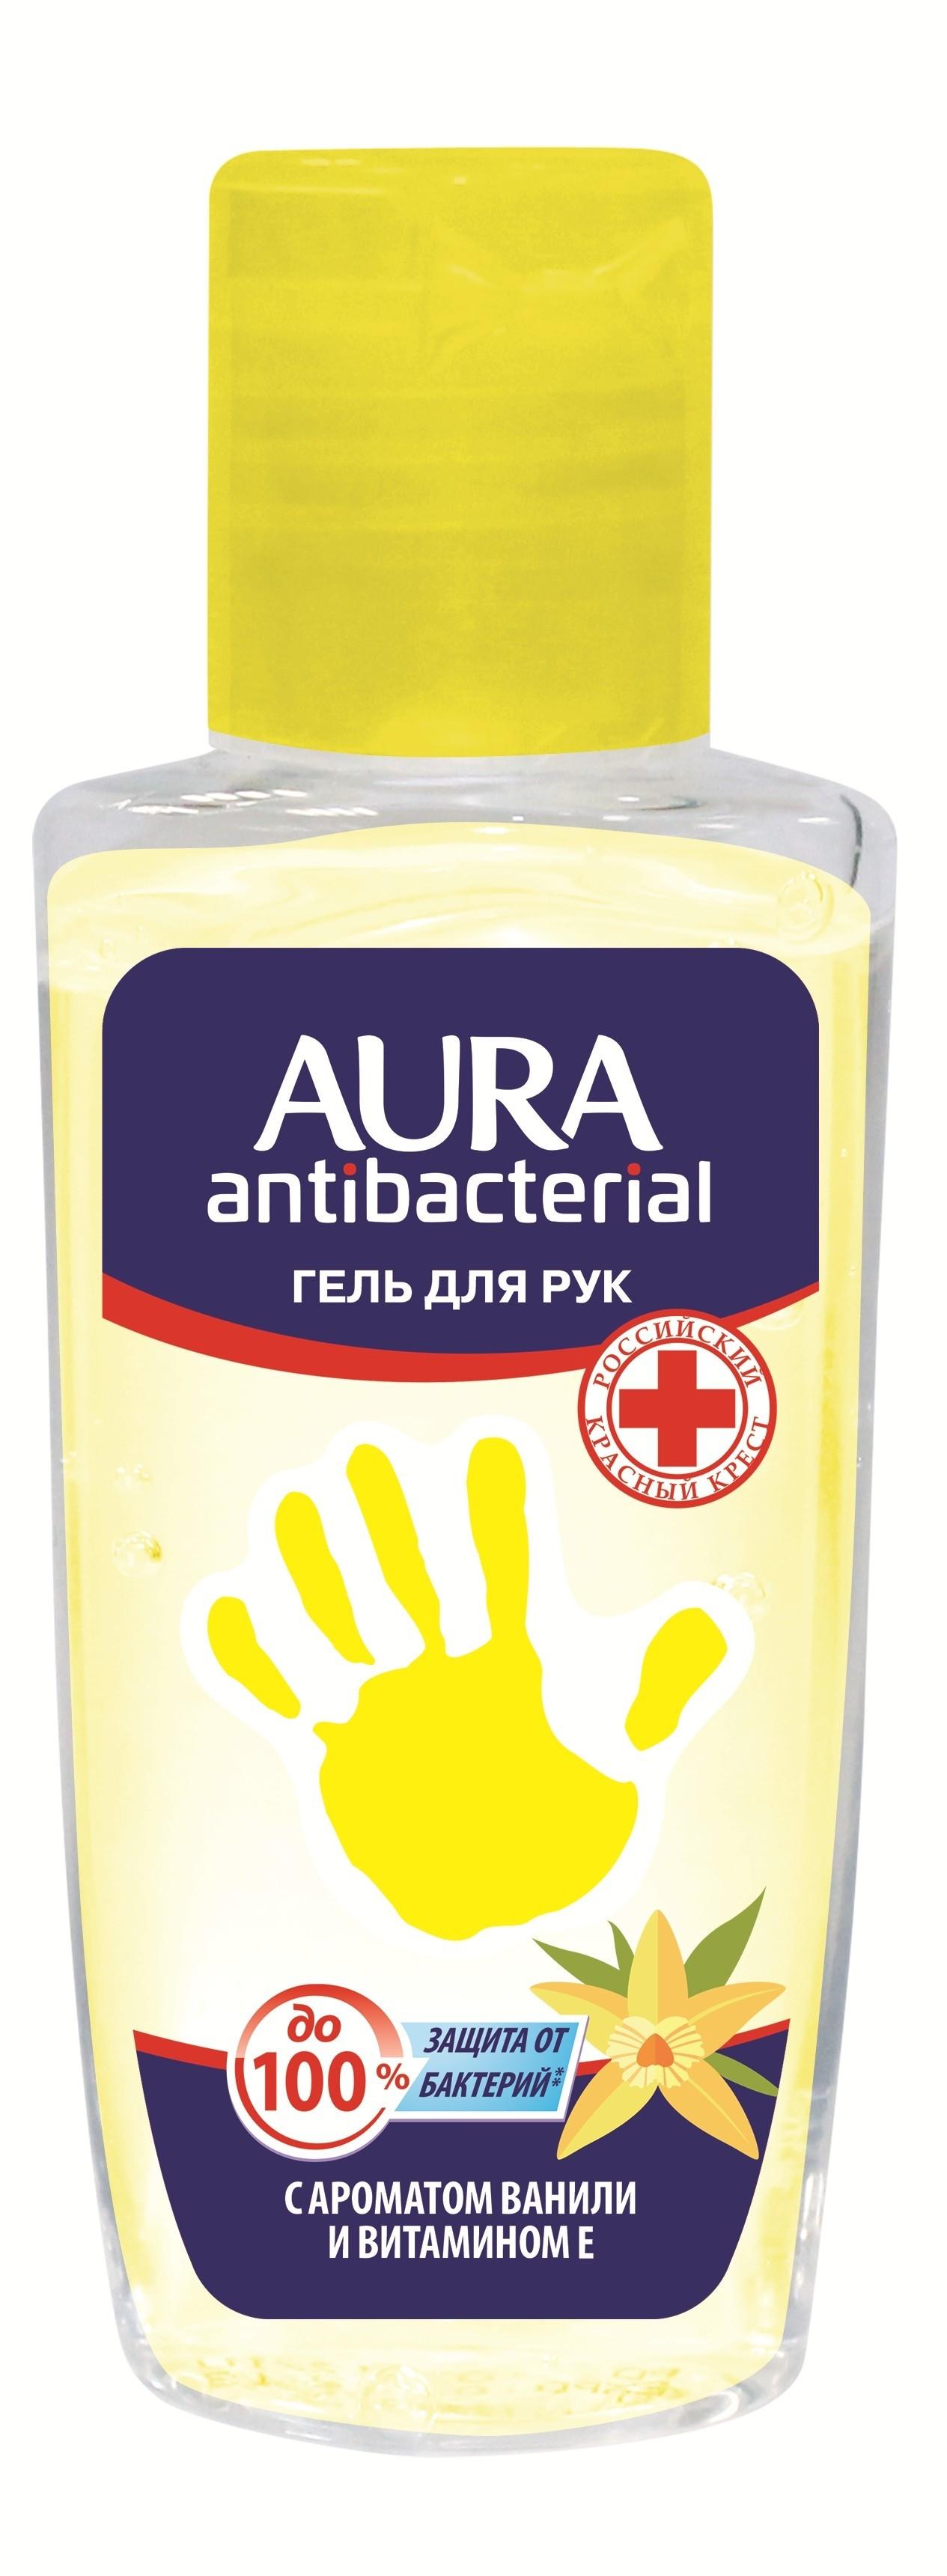 Средства по уходу за кожей рук AURA 7906 цены